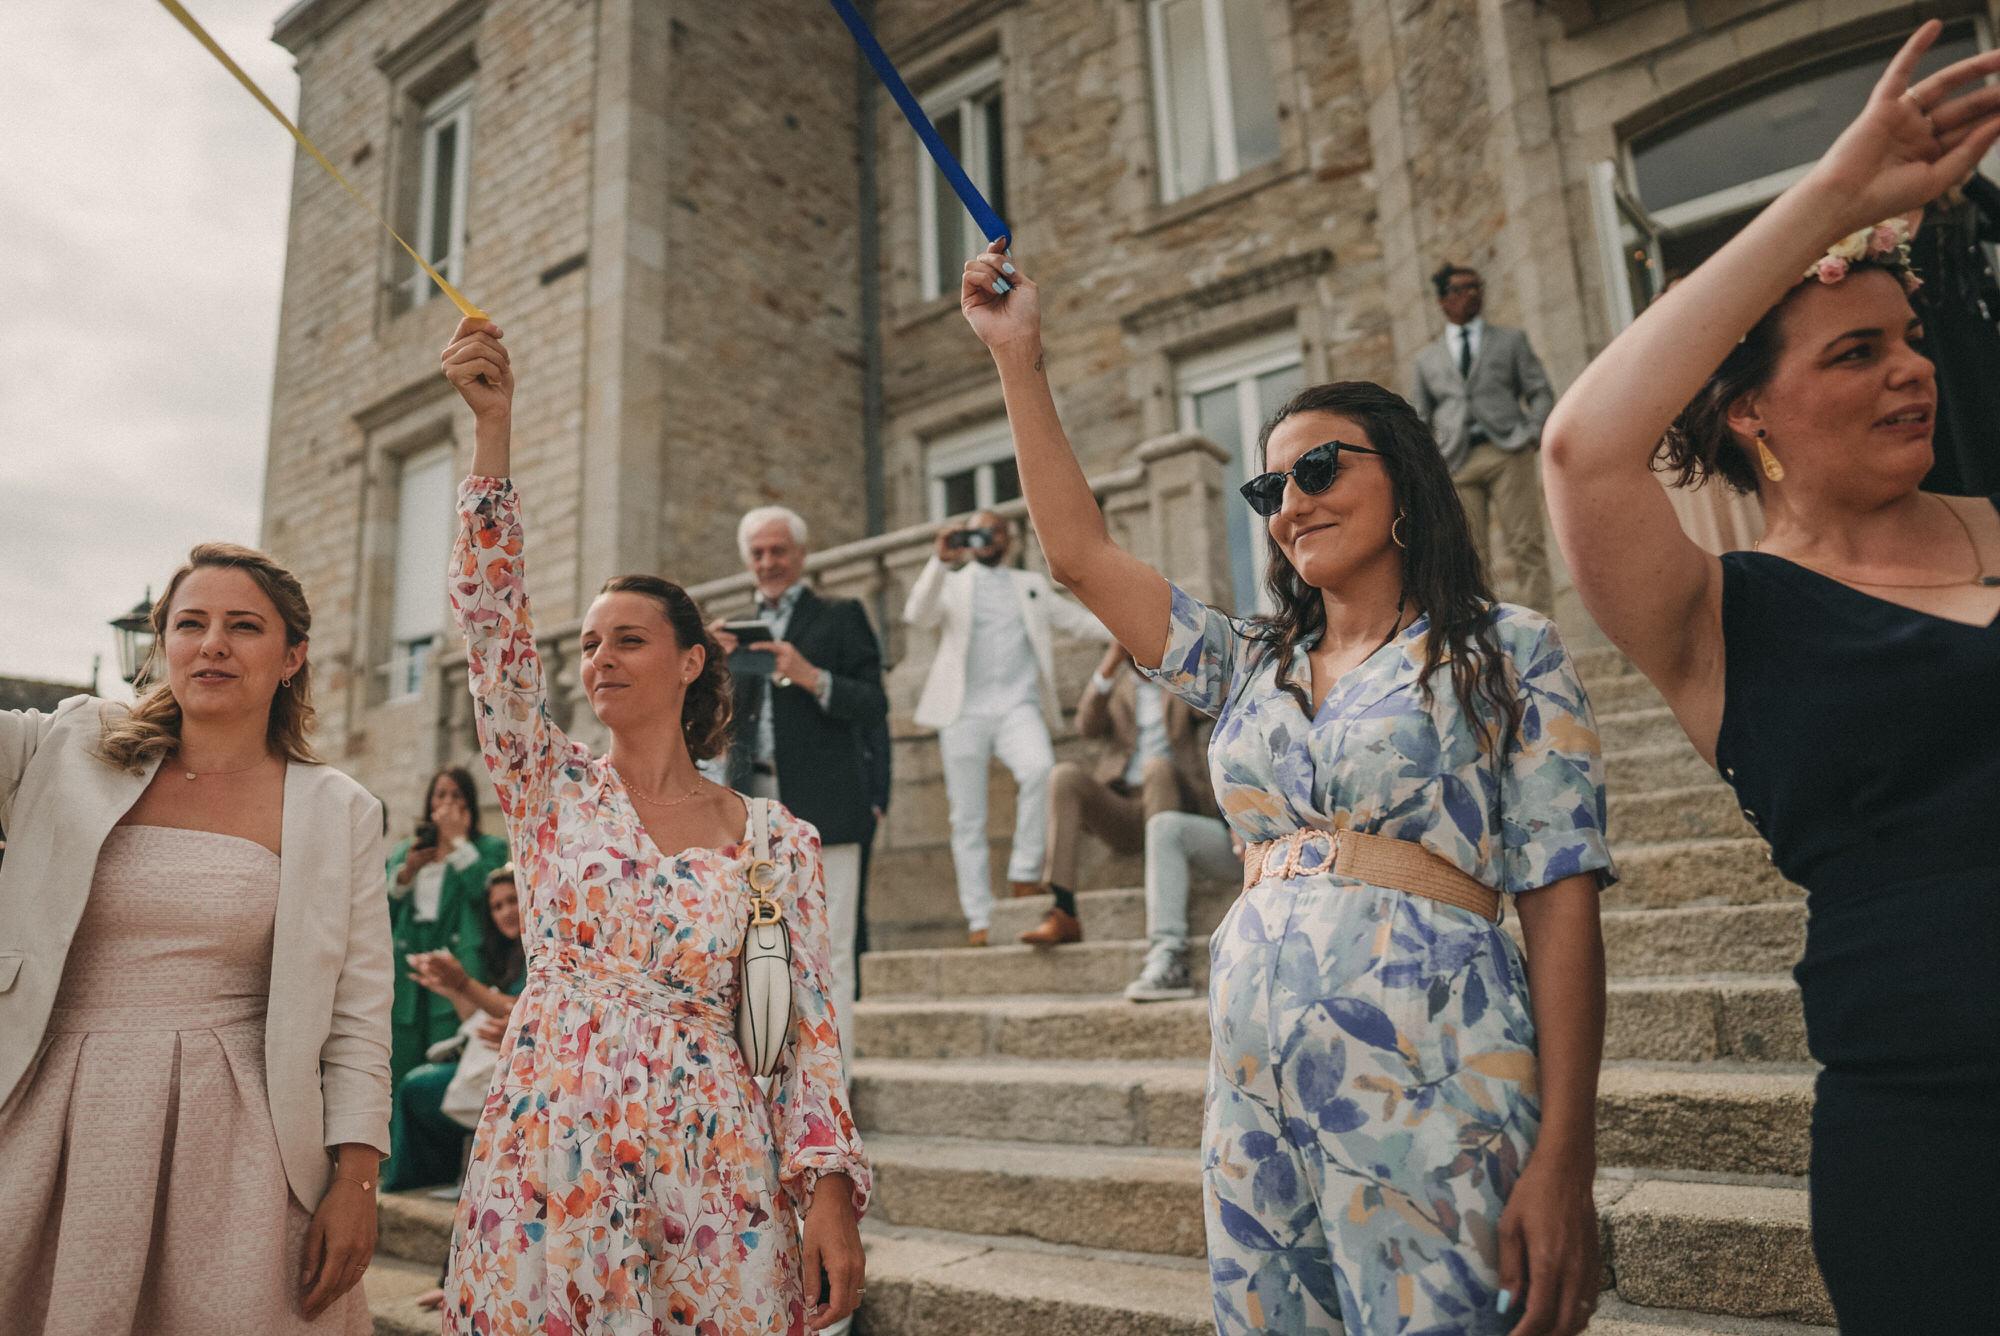 Photo De Mariage Au Manoir De Kerhuel A Plouneour Lanvern De Perle Danilson Par Antoine Borzeix 728, Photographe & Videaste à Brest / Finistère